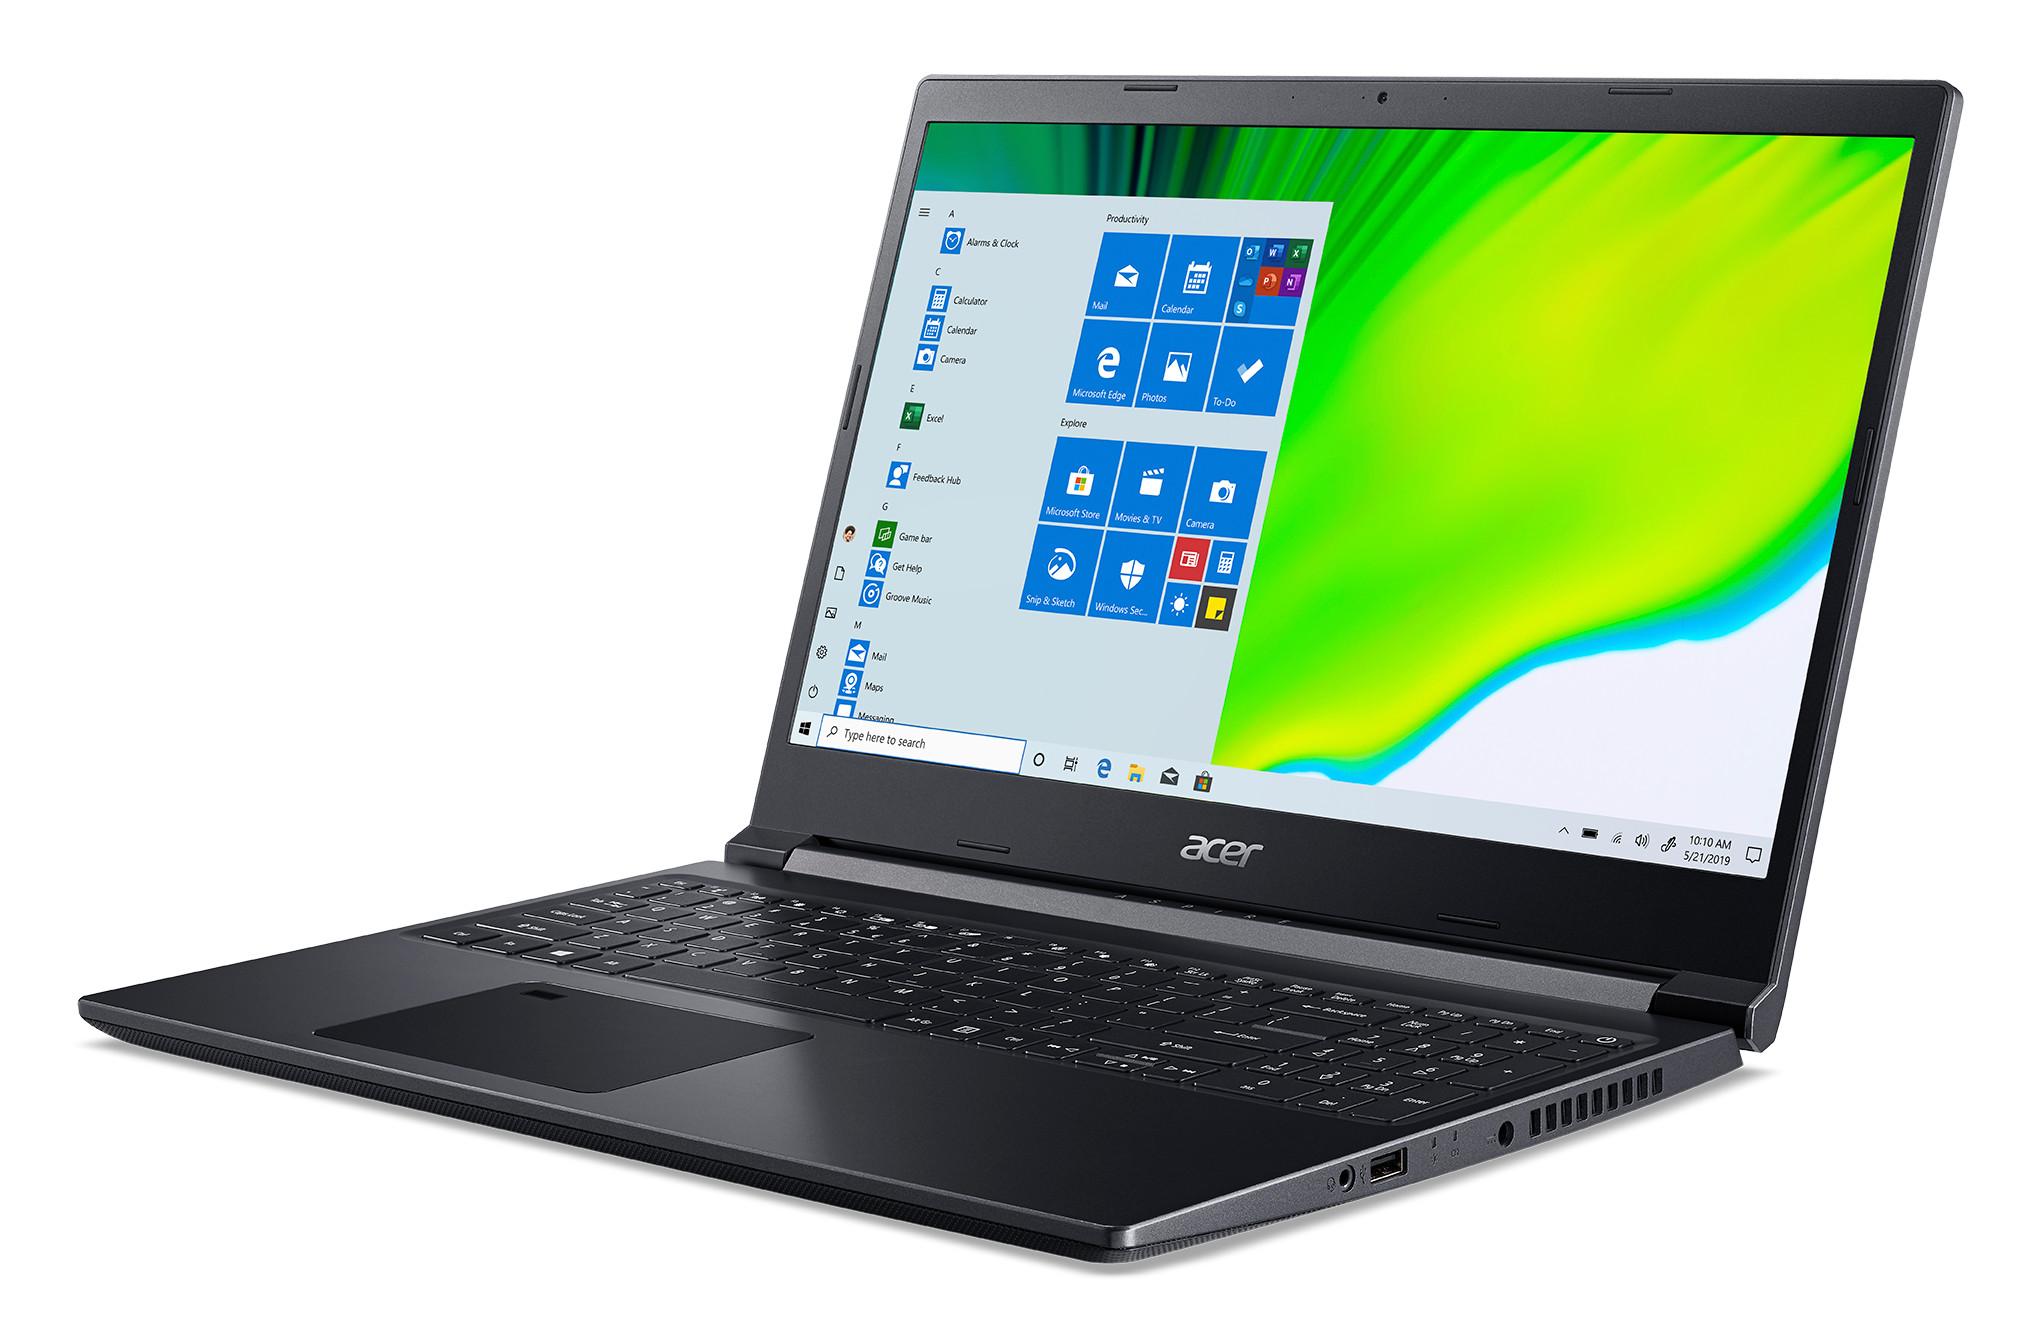 Acer Aspire 7 A715-41G-R78G